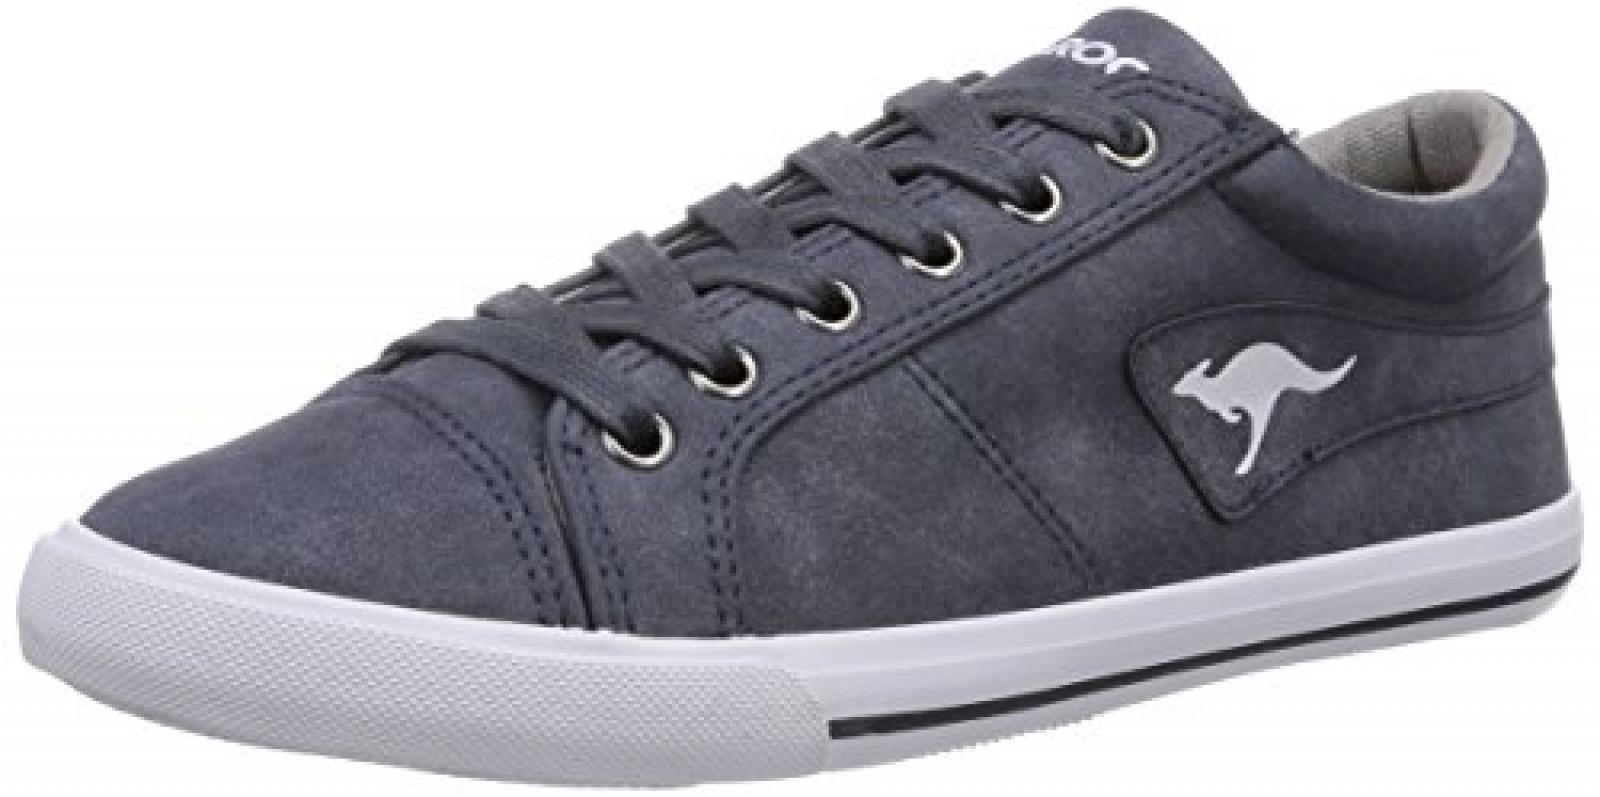 KangaROOS K-Vulca 5054 Damen Sneakers